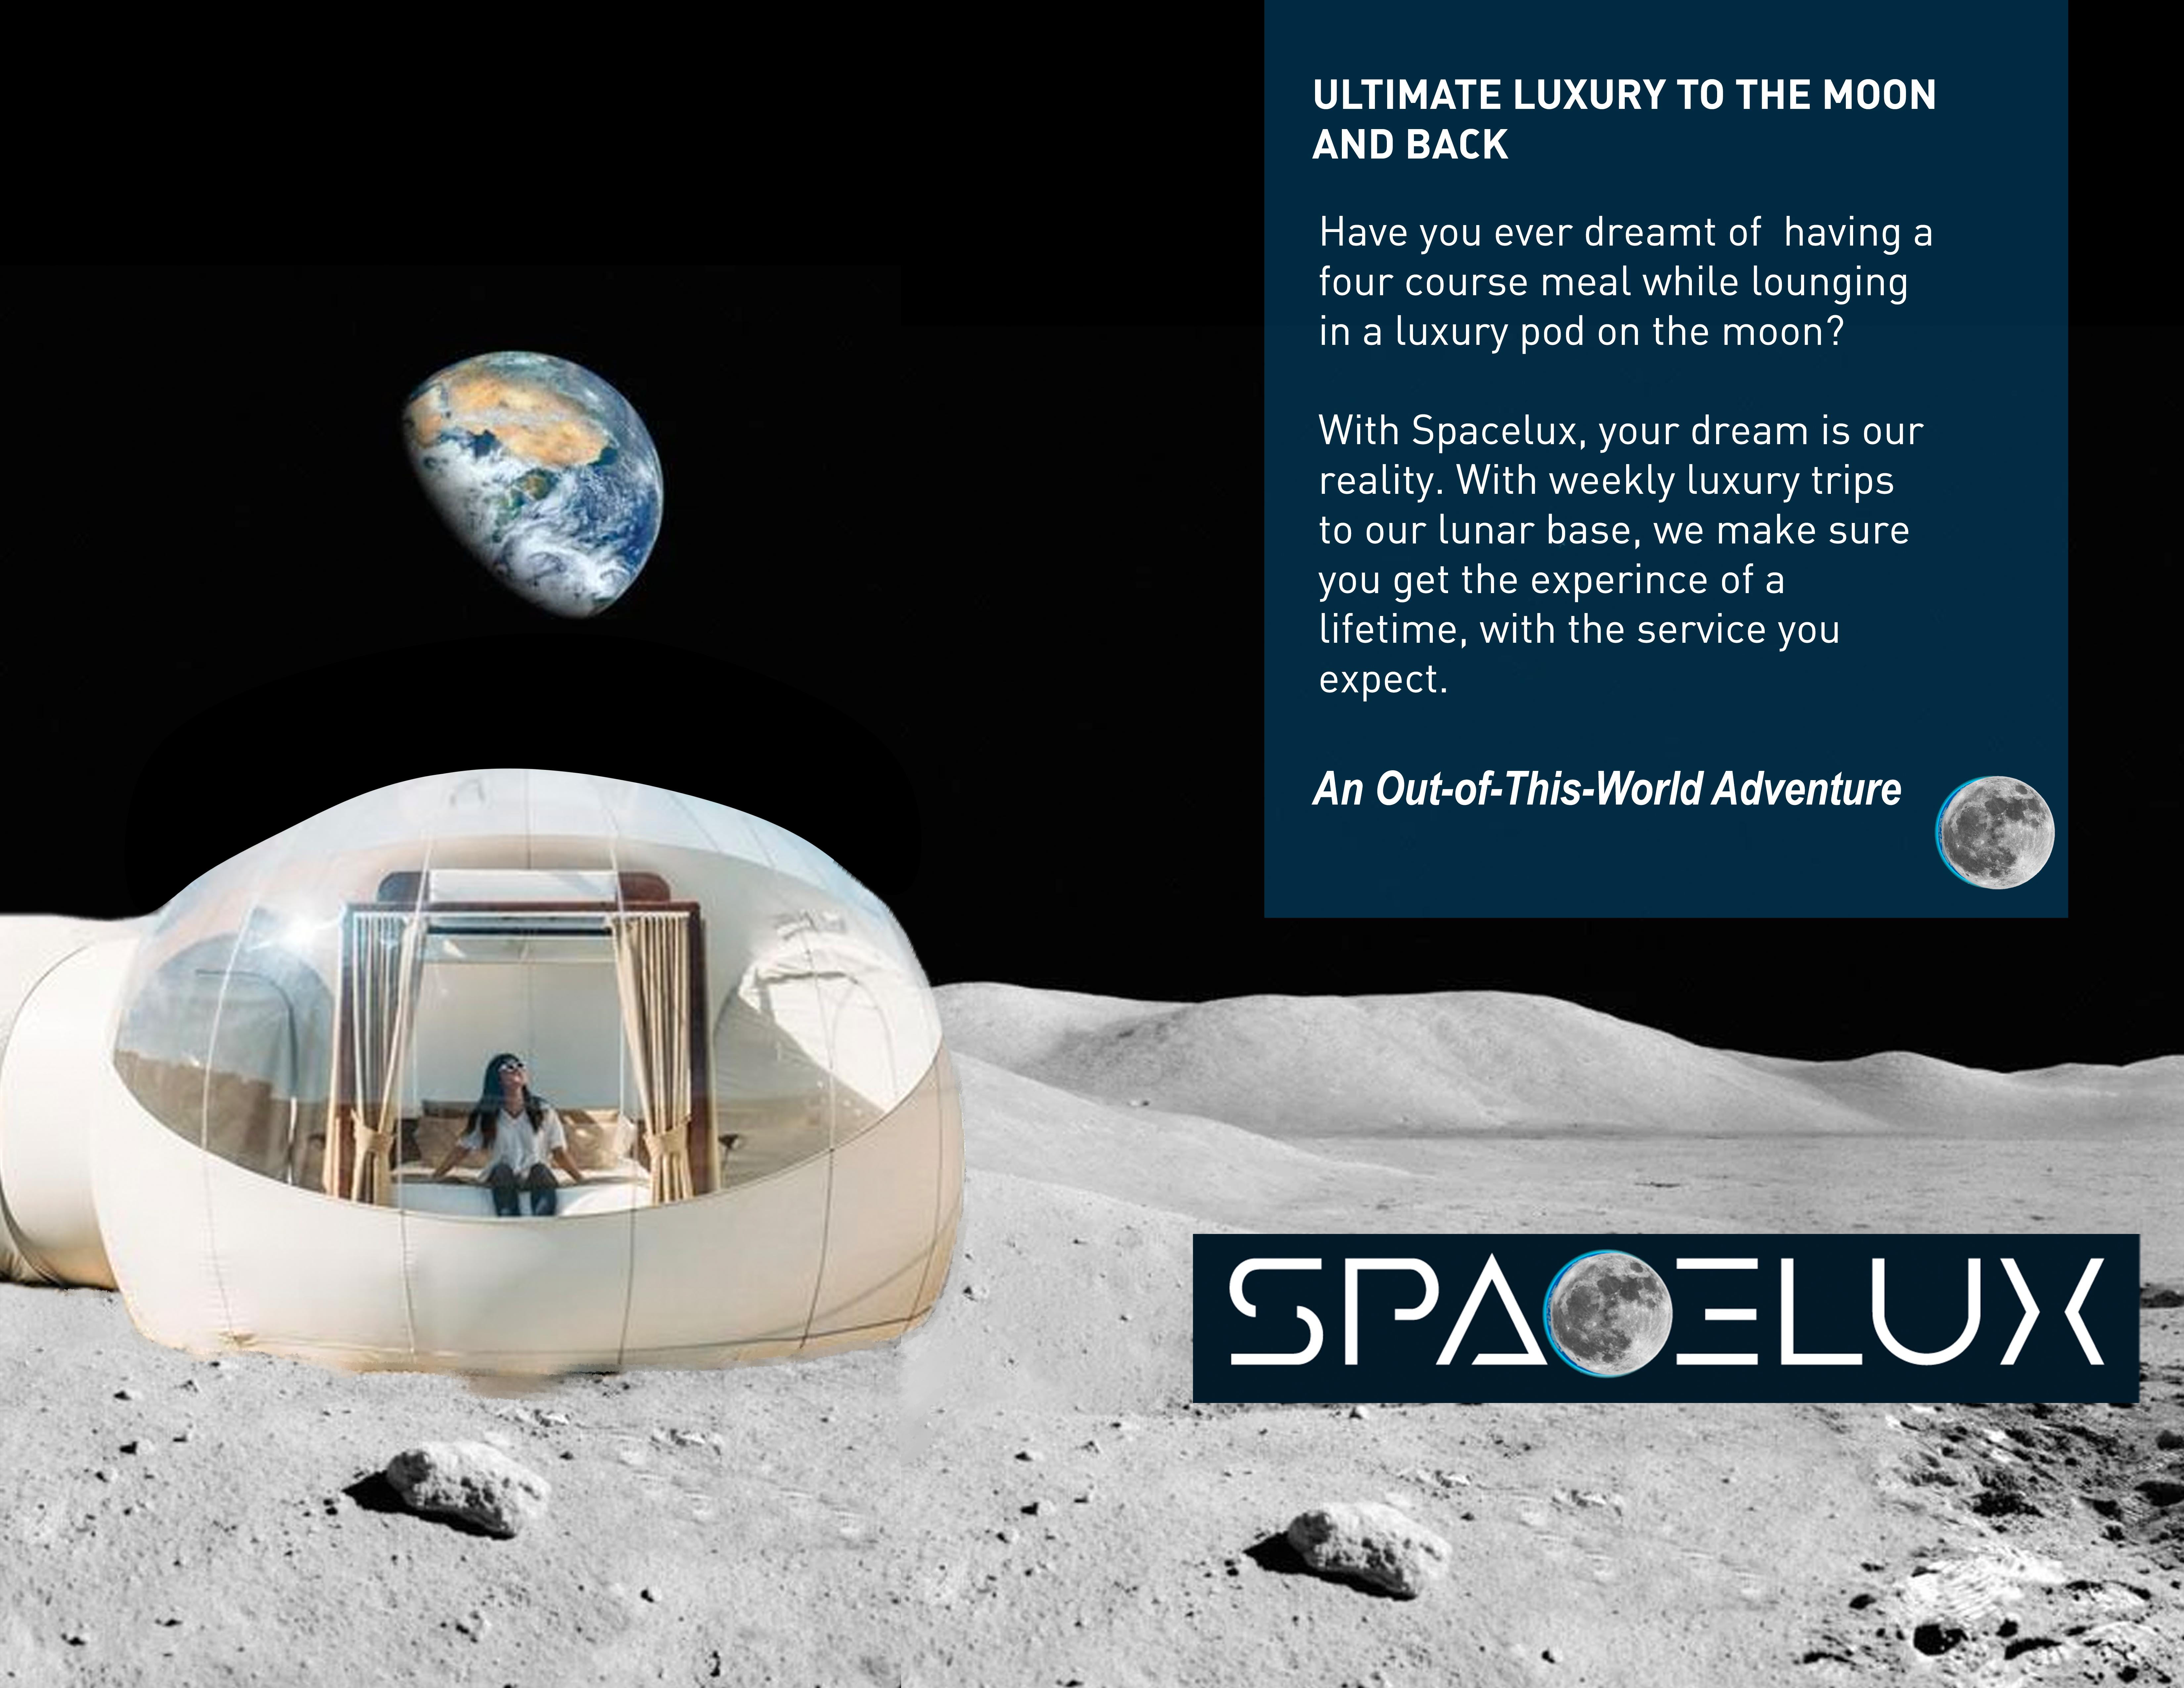 Spacelux ad